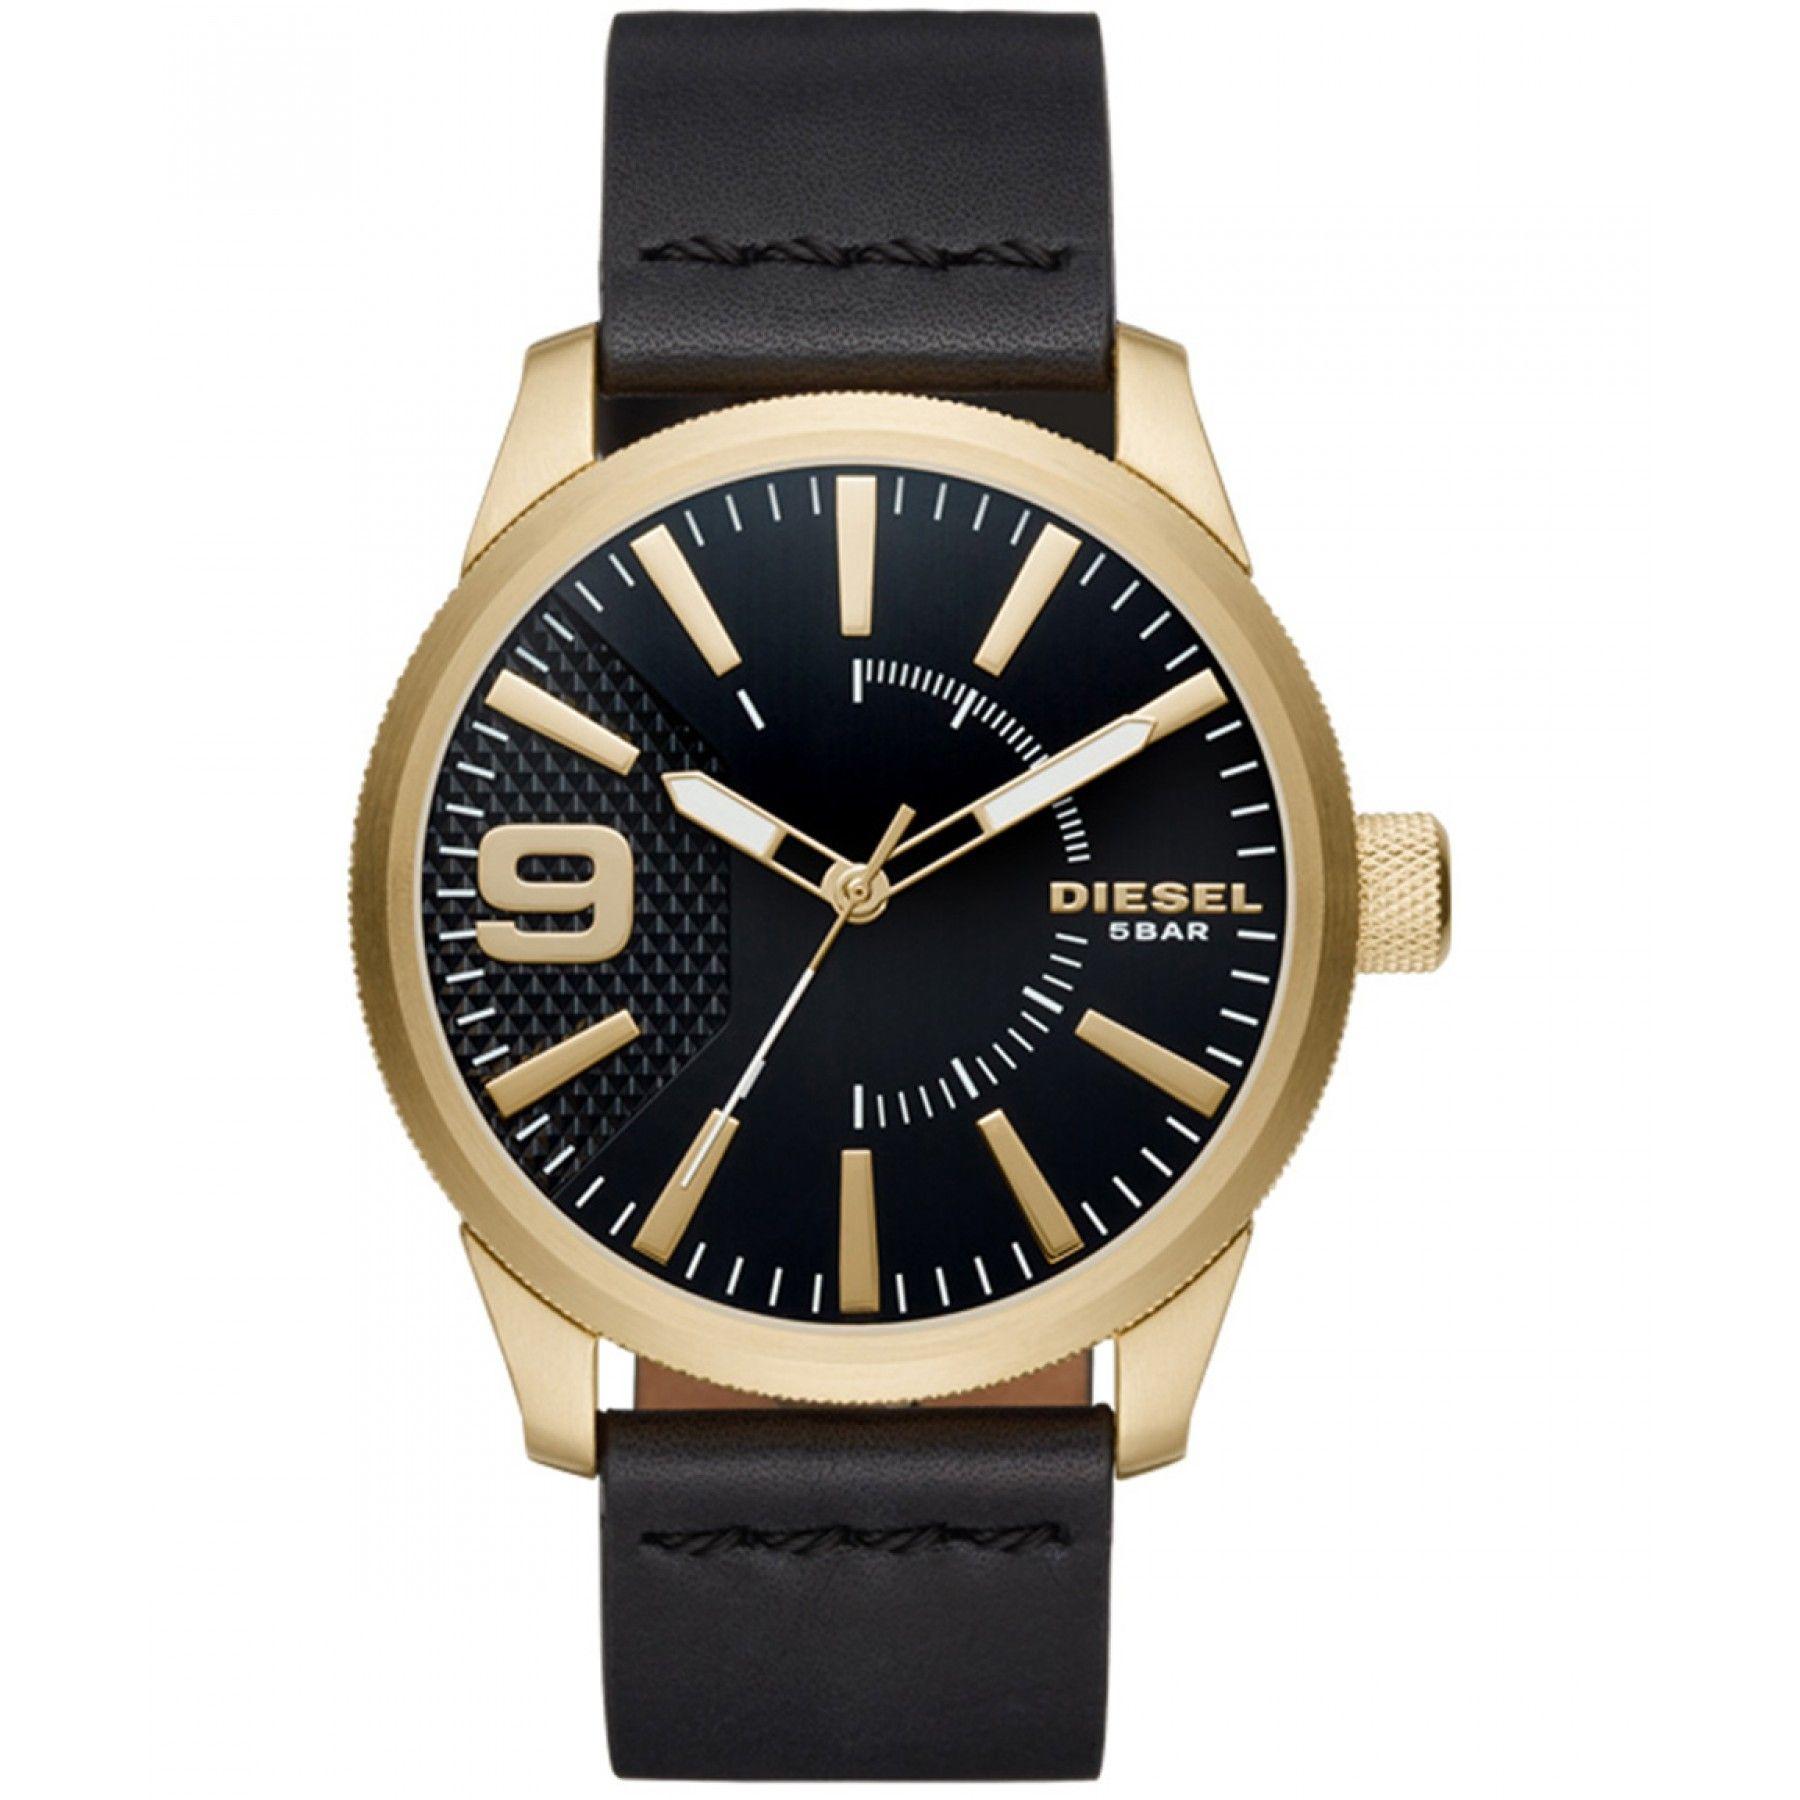 b83be27ff44a Reloj Diesel con caja y bisel en acero color dorado extensible tipo correa  en piel negra